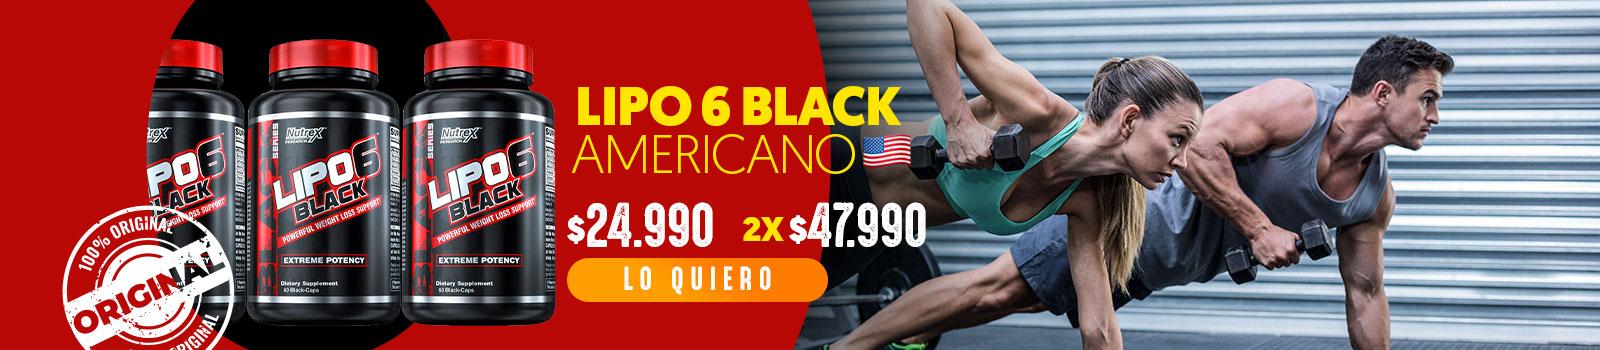 lipo6blckamericano-bannerweb